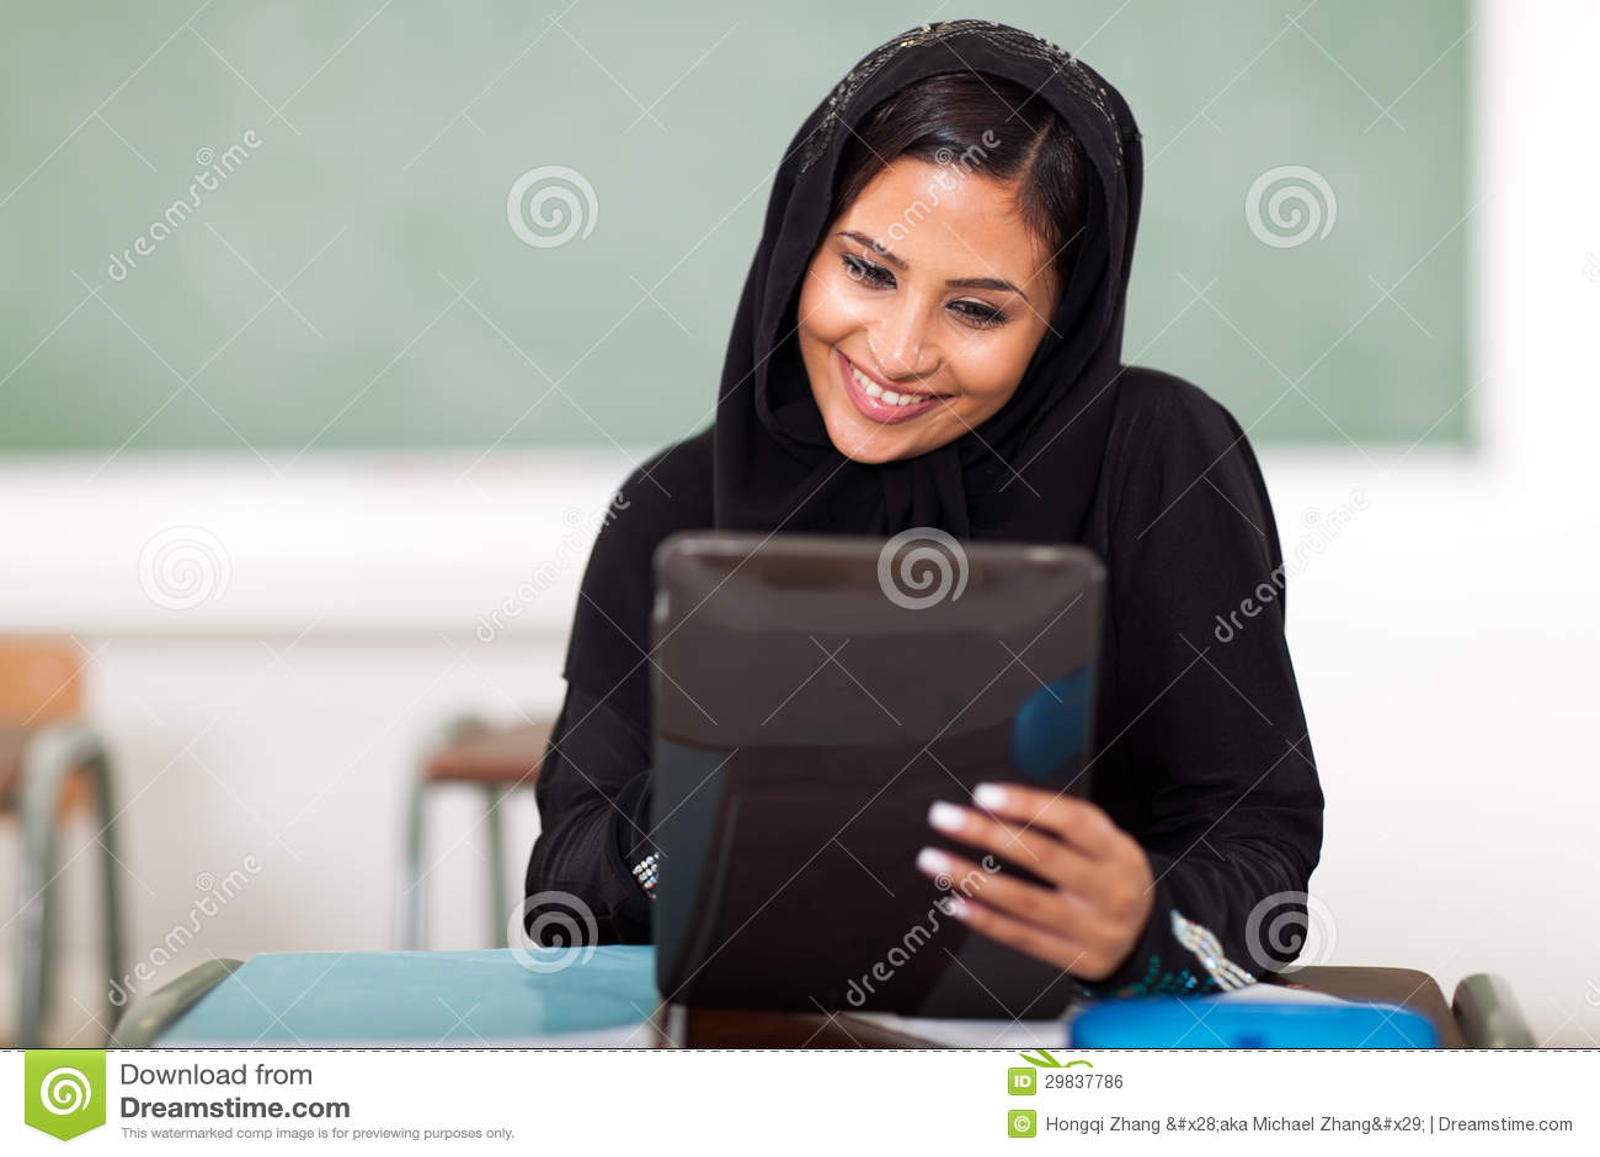 Arab muslim hijab girl blowjob fuck 5 nv - 1 part 7